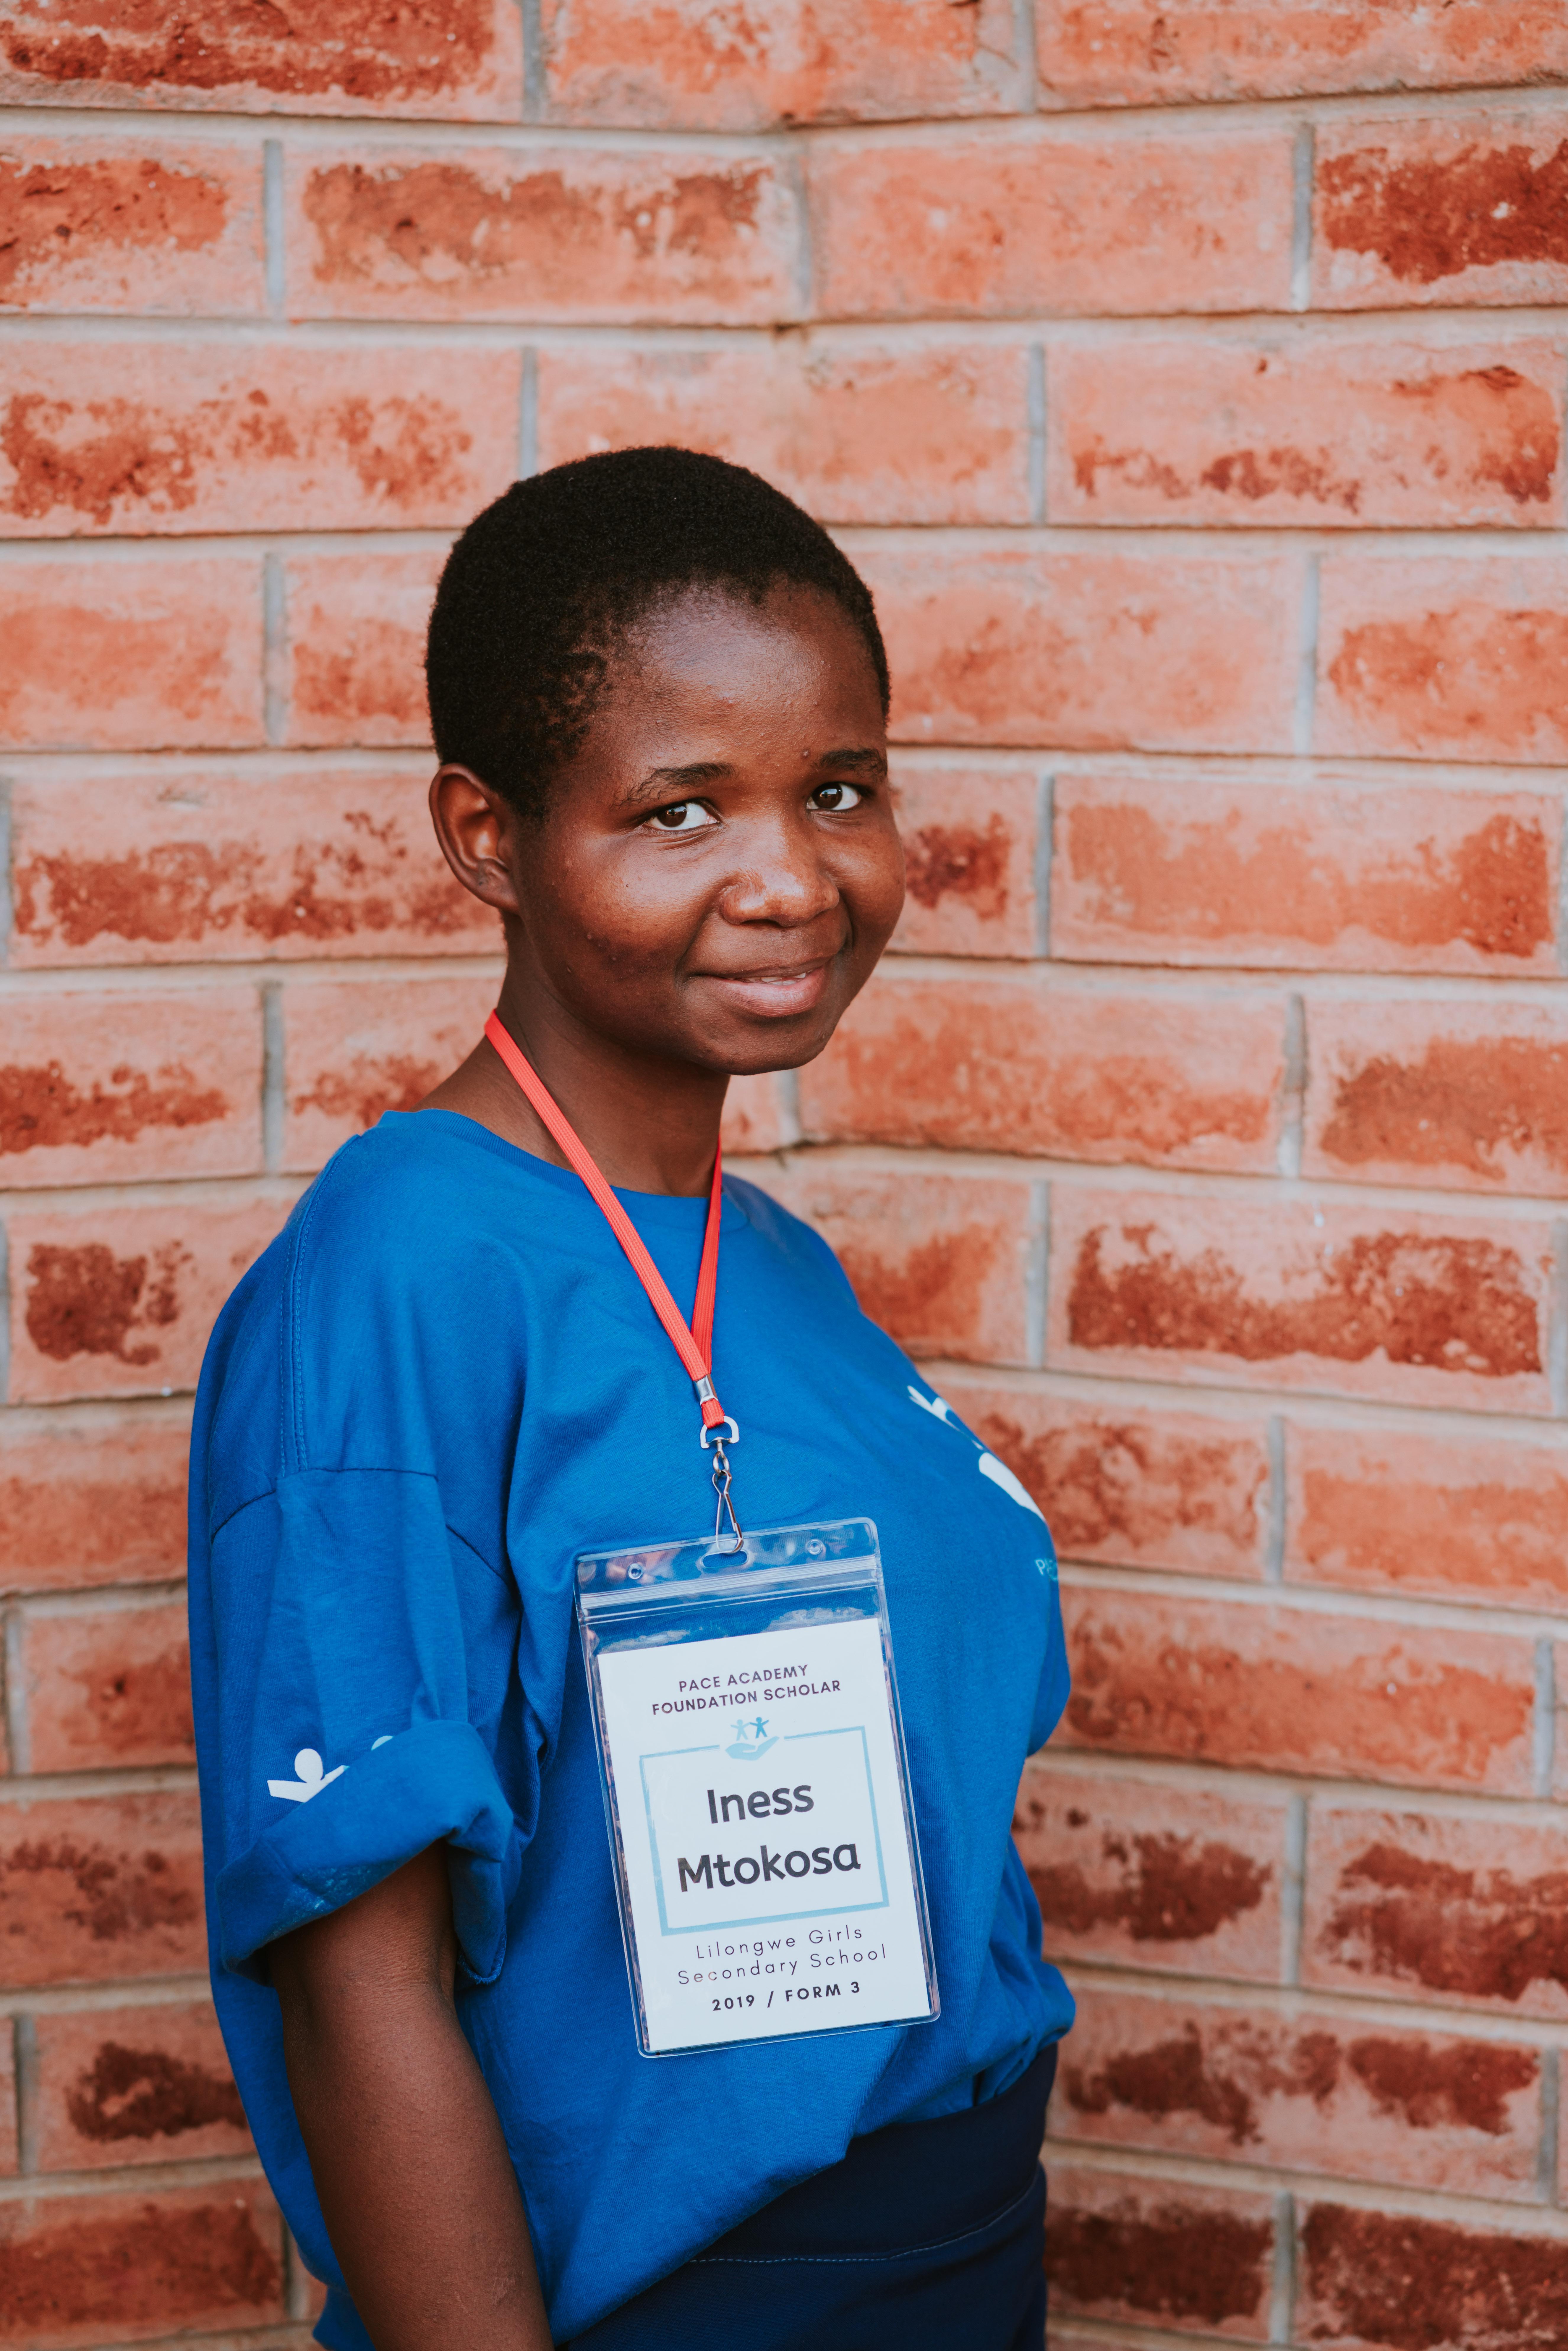 Iness Mtokosa (Lilongwe Girls Secondary